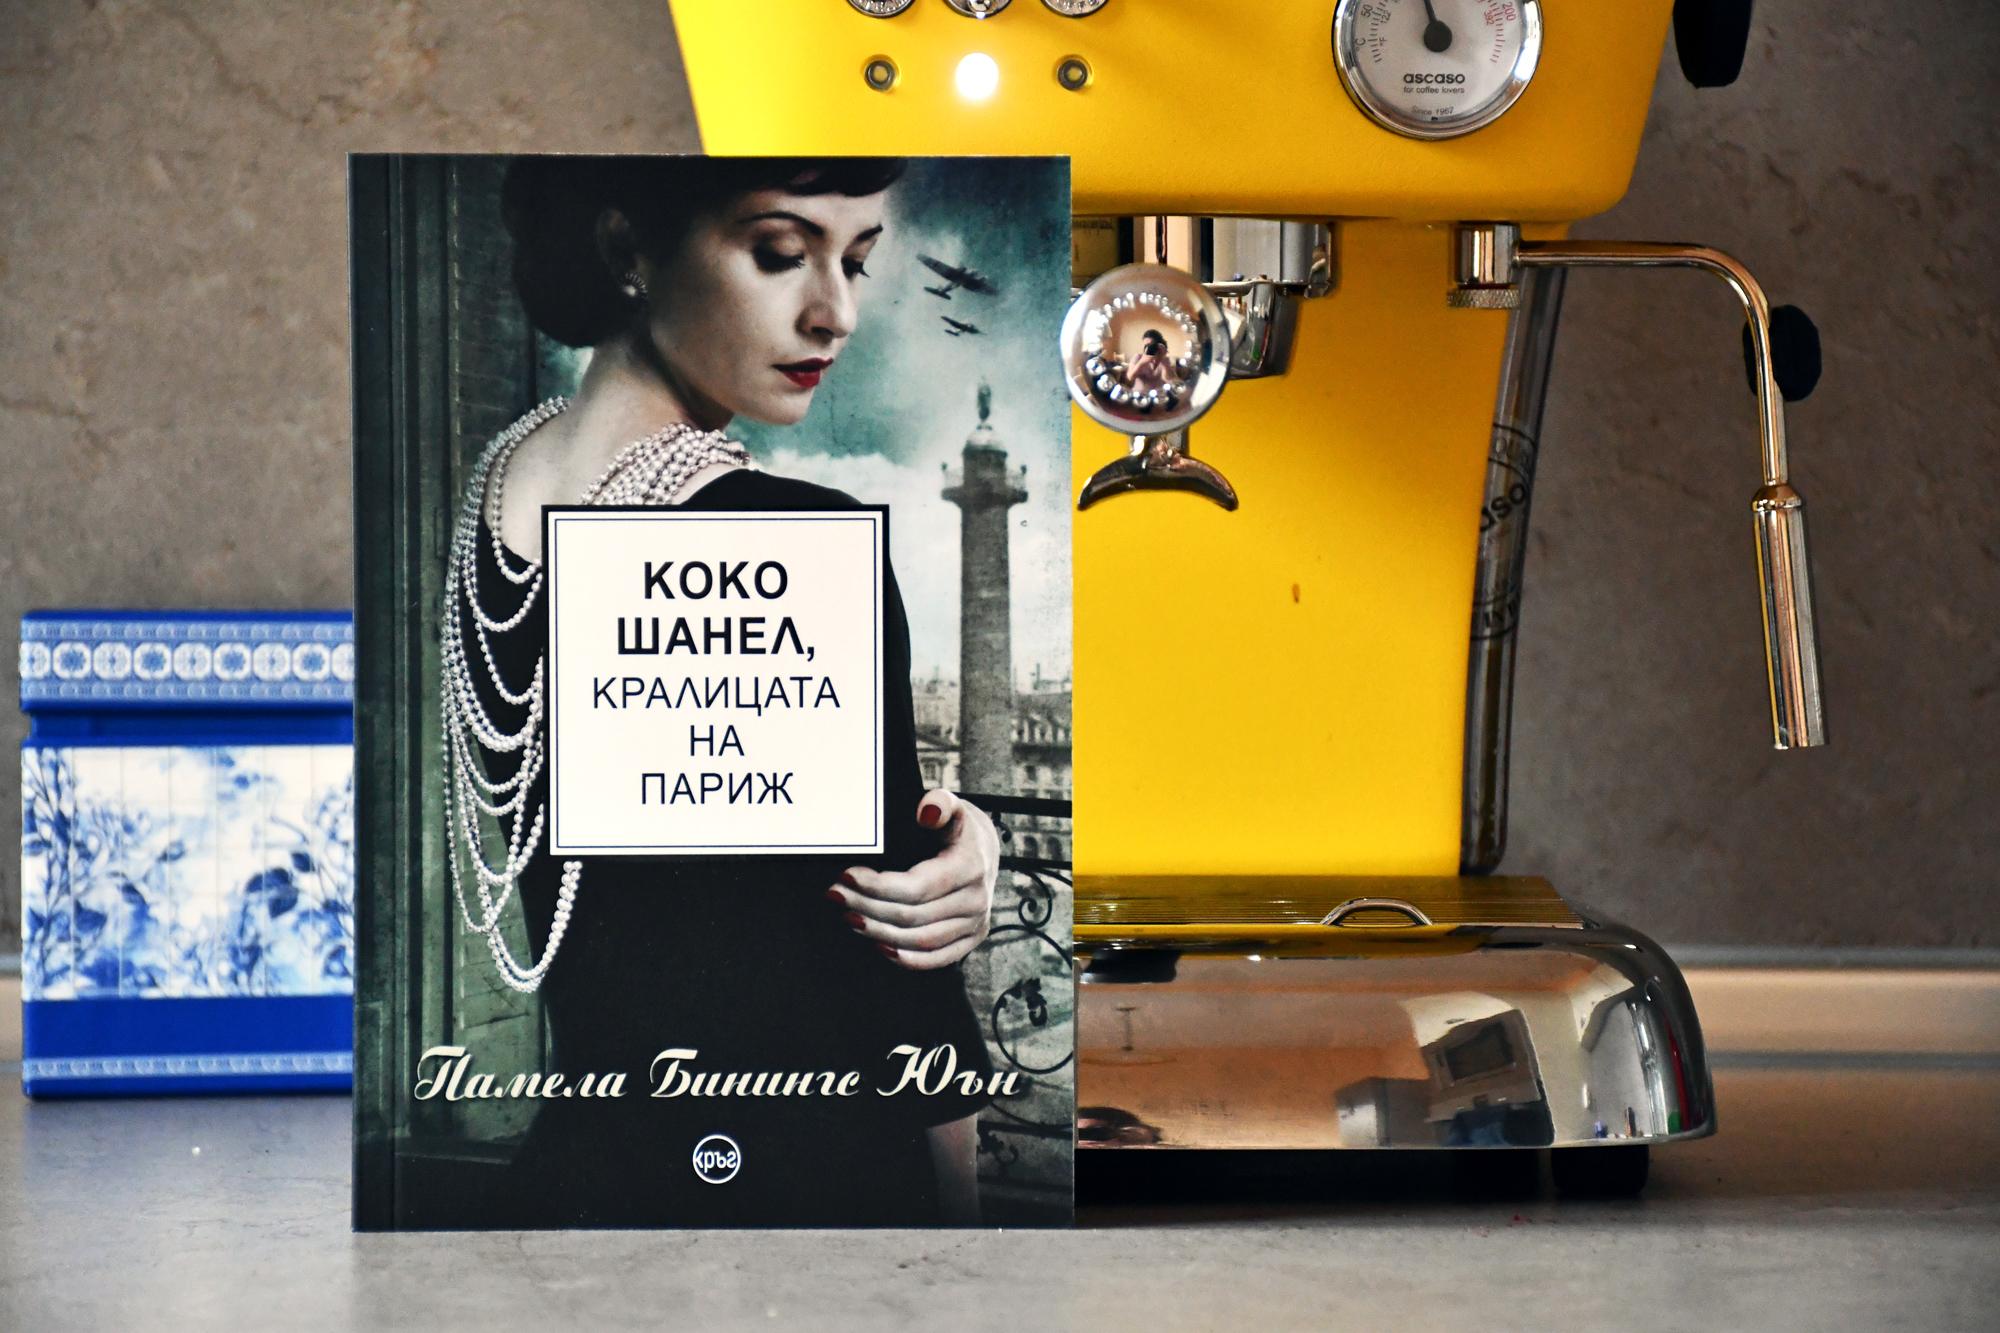 """""""Коко Шанел, кралицата на Париж"""" – завладяващата история на дръзката дизайнерка 139"""